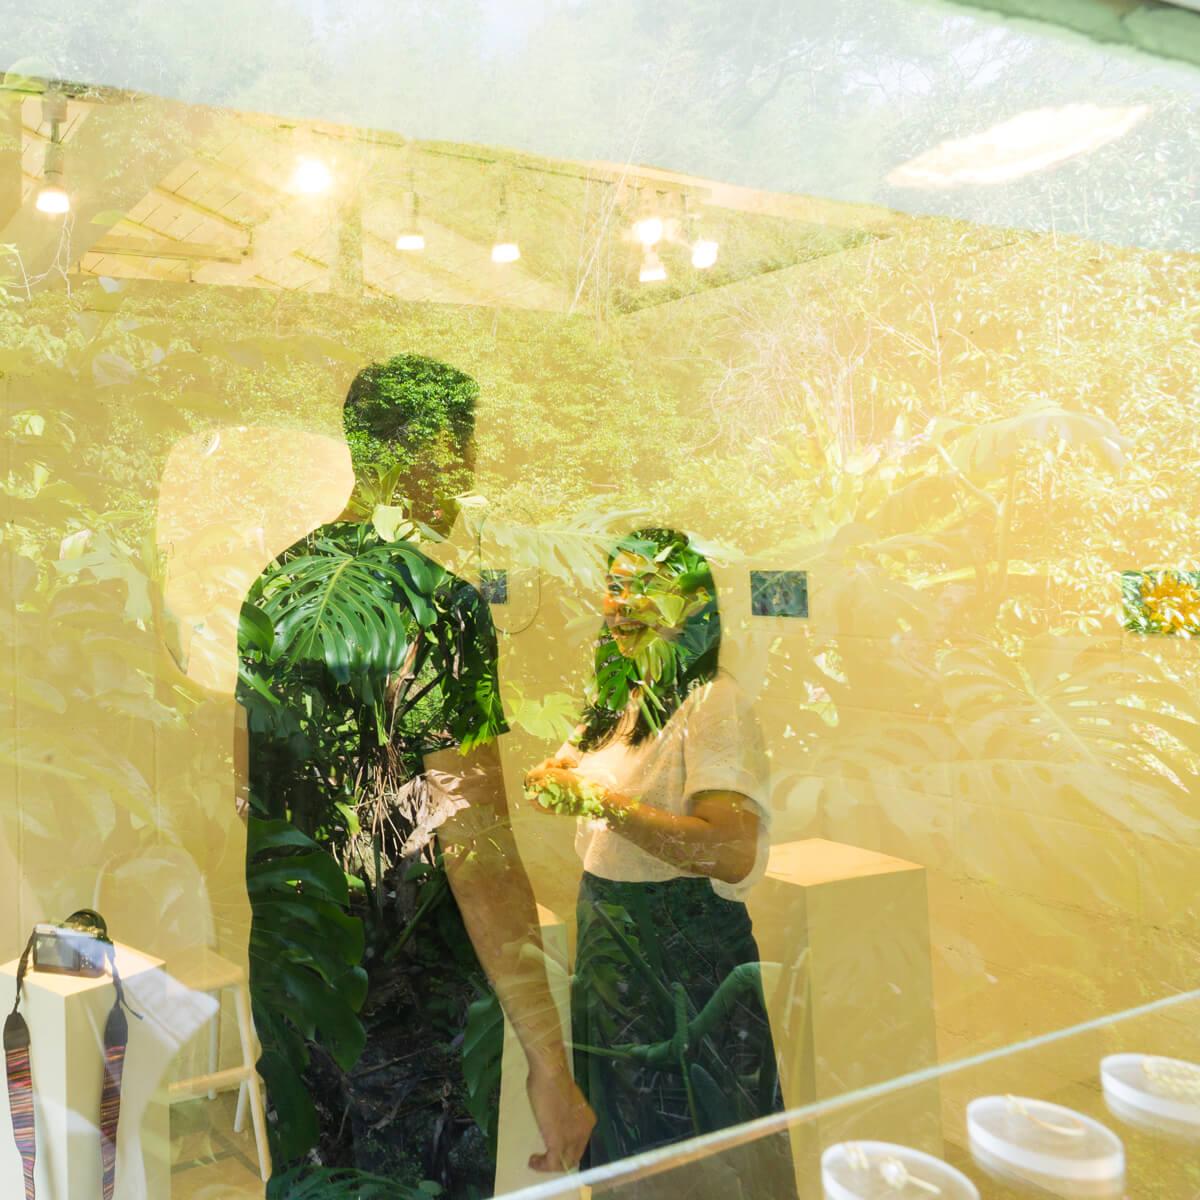 屋久島しずくギャラリージュエリーの部屋 屋久島の緑に囲まれて 結婚指輪の相談会 屋久島でつくる結婚指輪